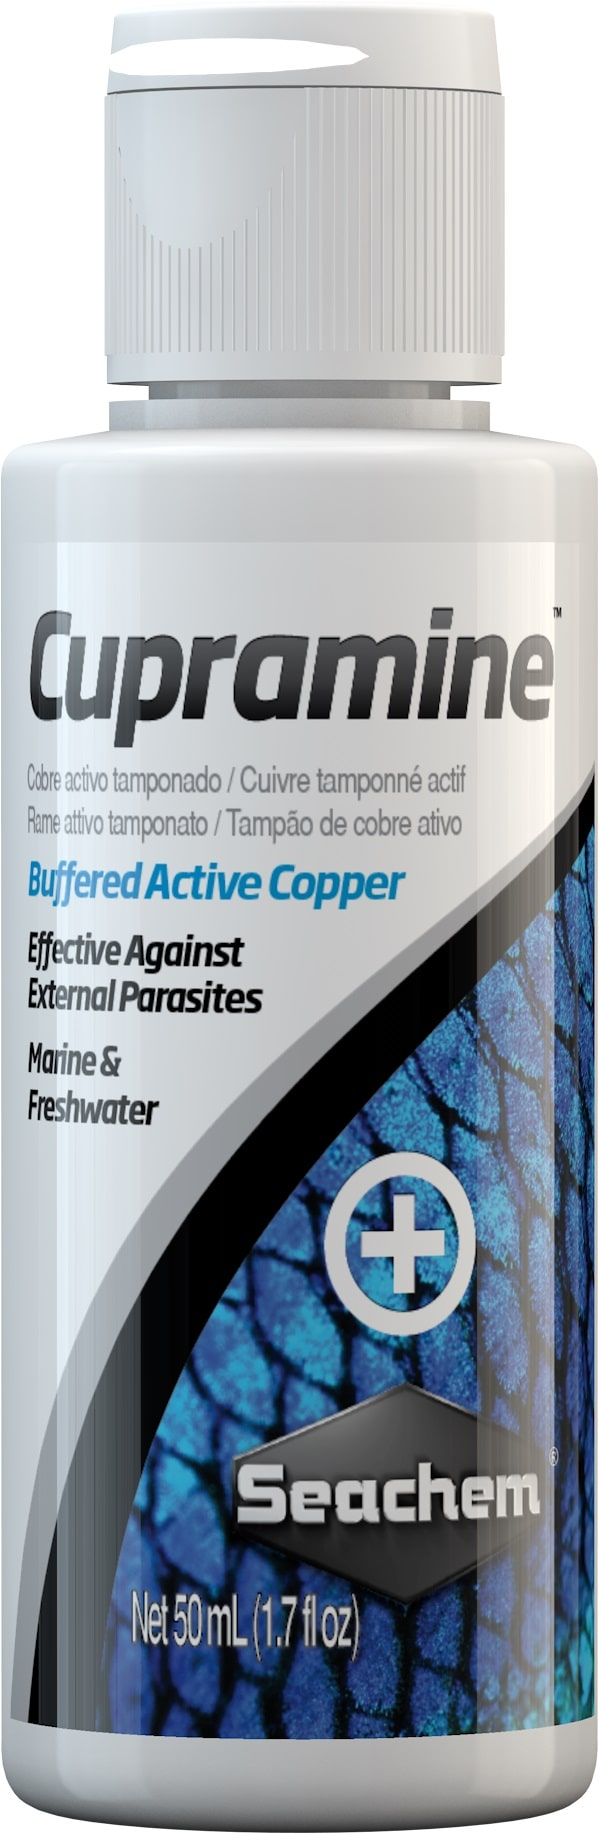 SEACHEM Cupramine 50 ml traitement au cuivre actif contre les parasites externes